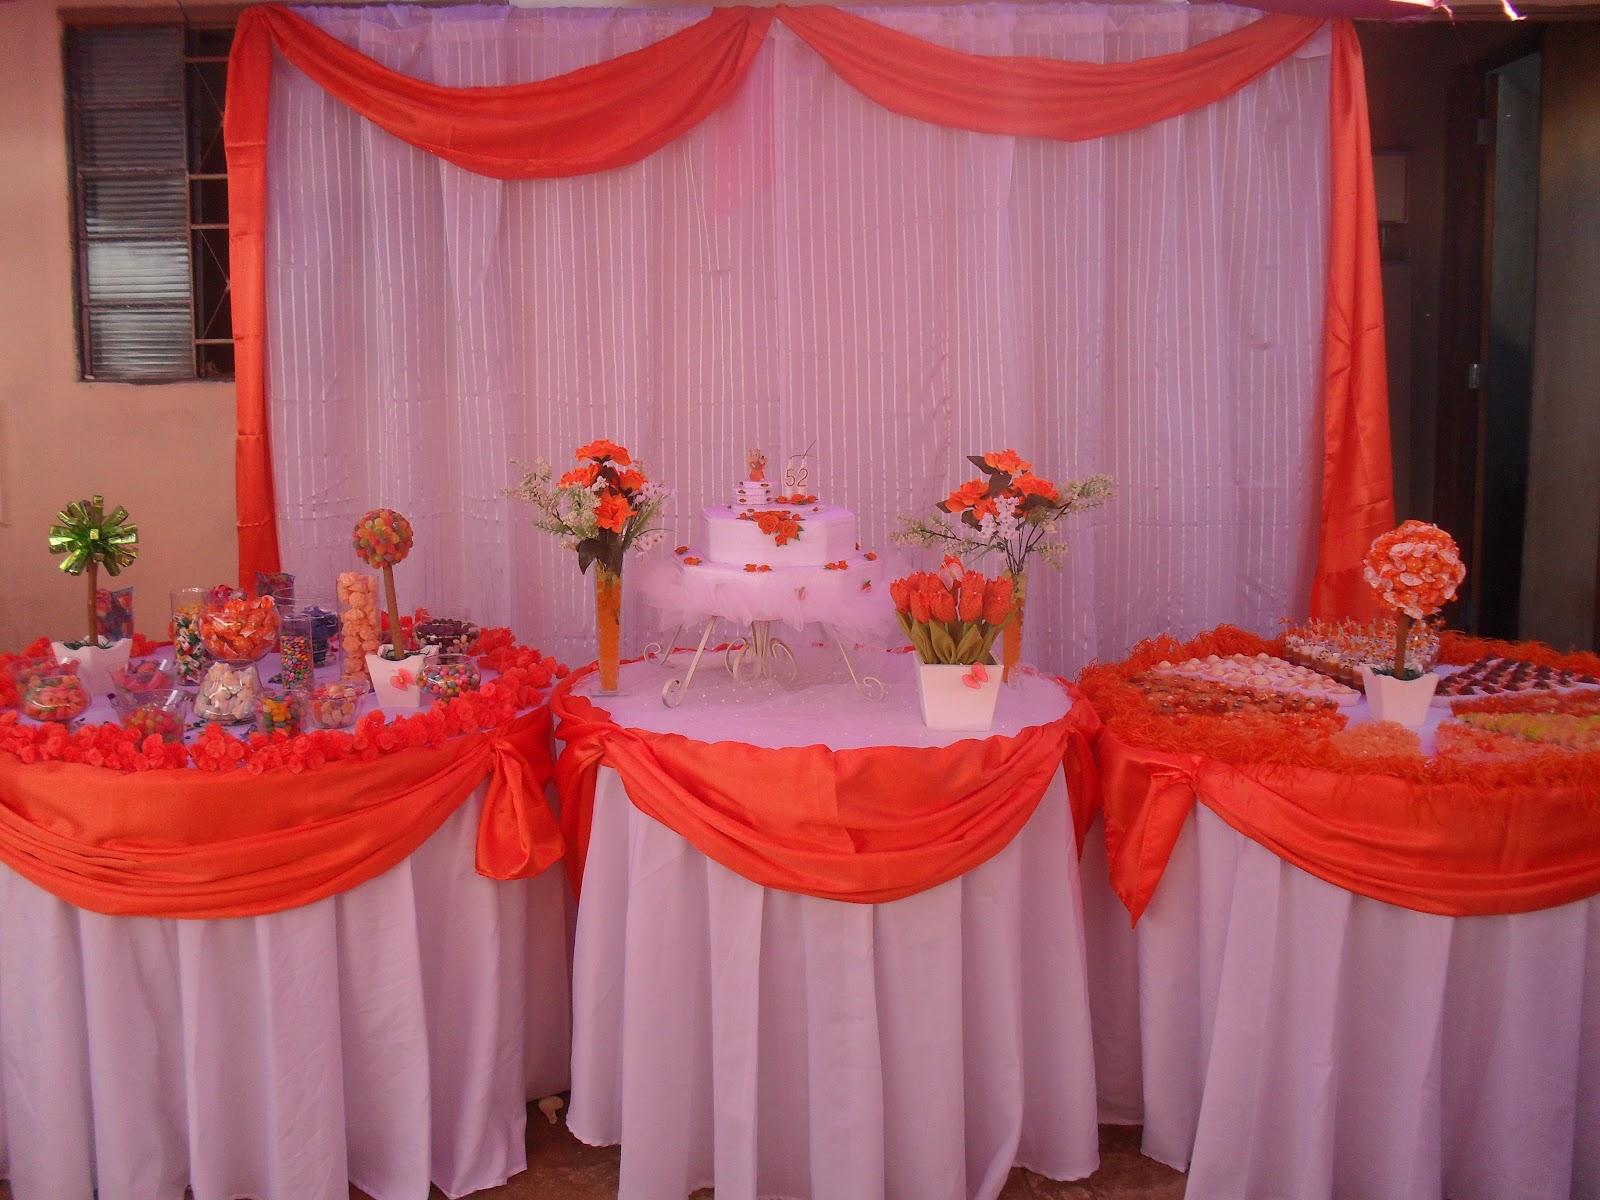 Arte em festas: Decoração laranja e branco #AC261F 1600x1200 Banheiro Branco E Laranja